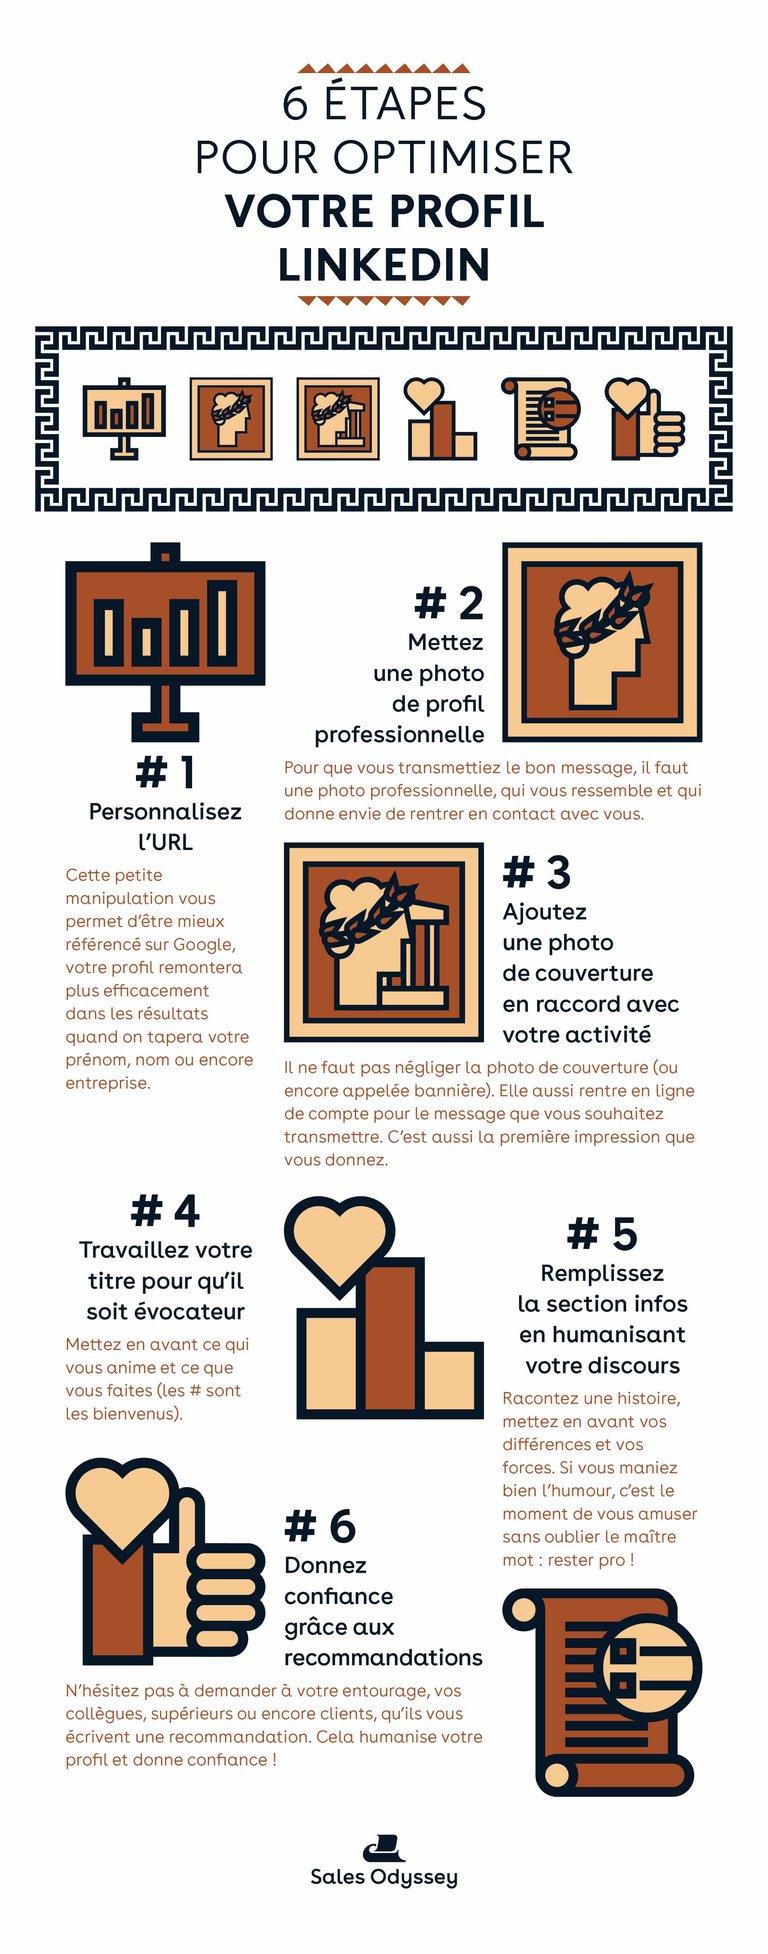 6 Etapes Pour Optimiser Votre Profil Linkedin